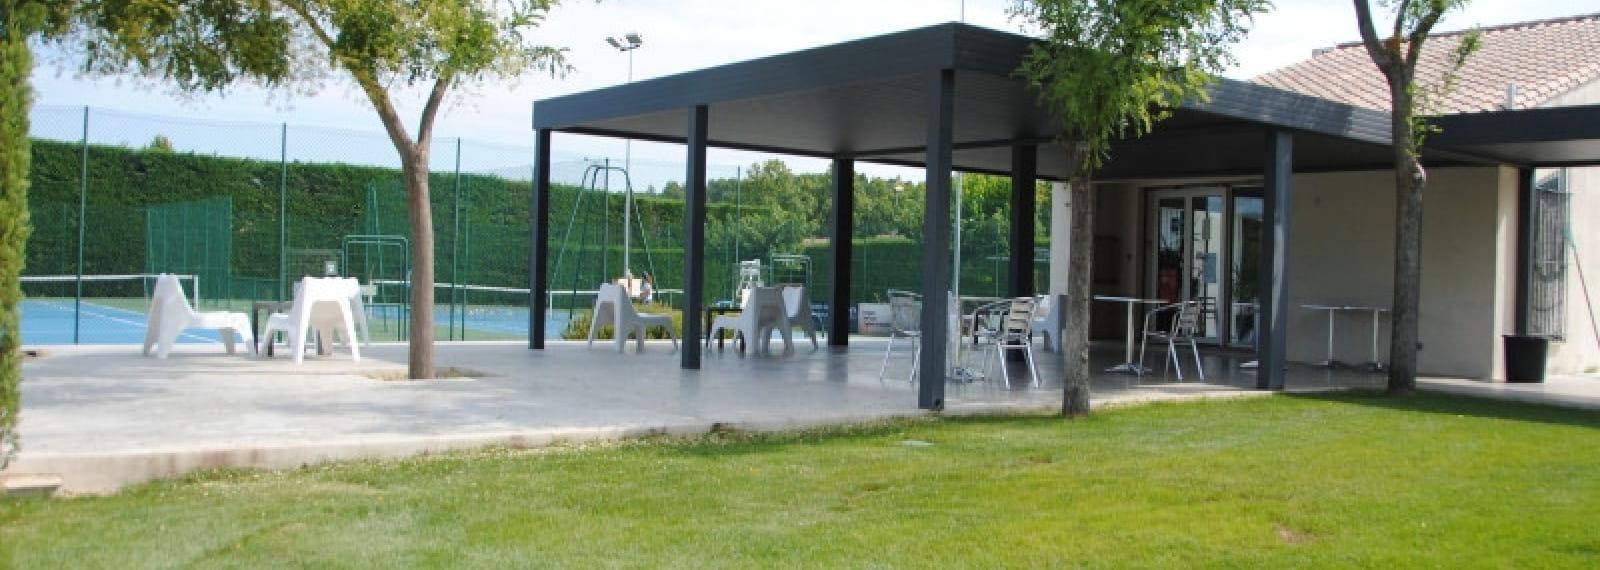 Tennis Club de Saint Rémy de Provence